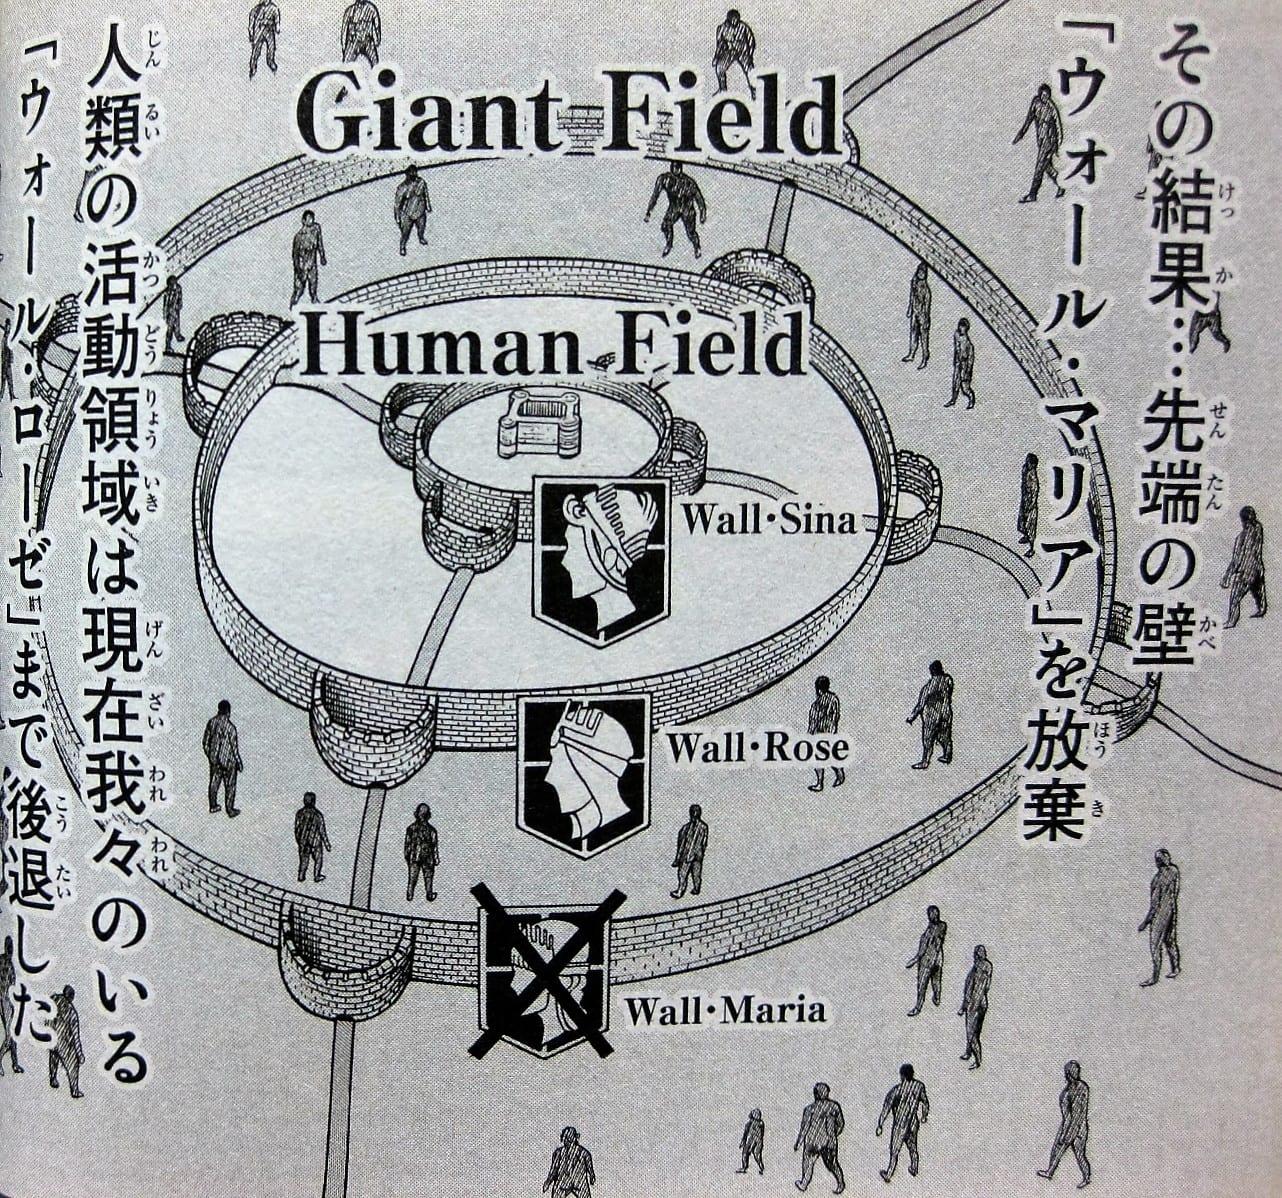 進撃の巨人の重要ワード「巨人」